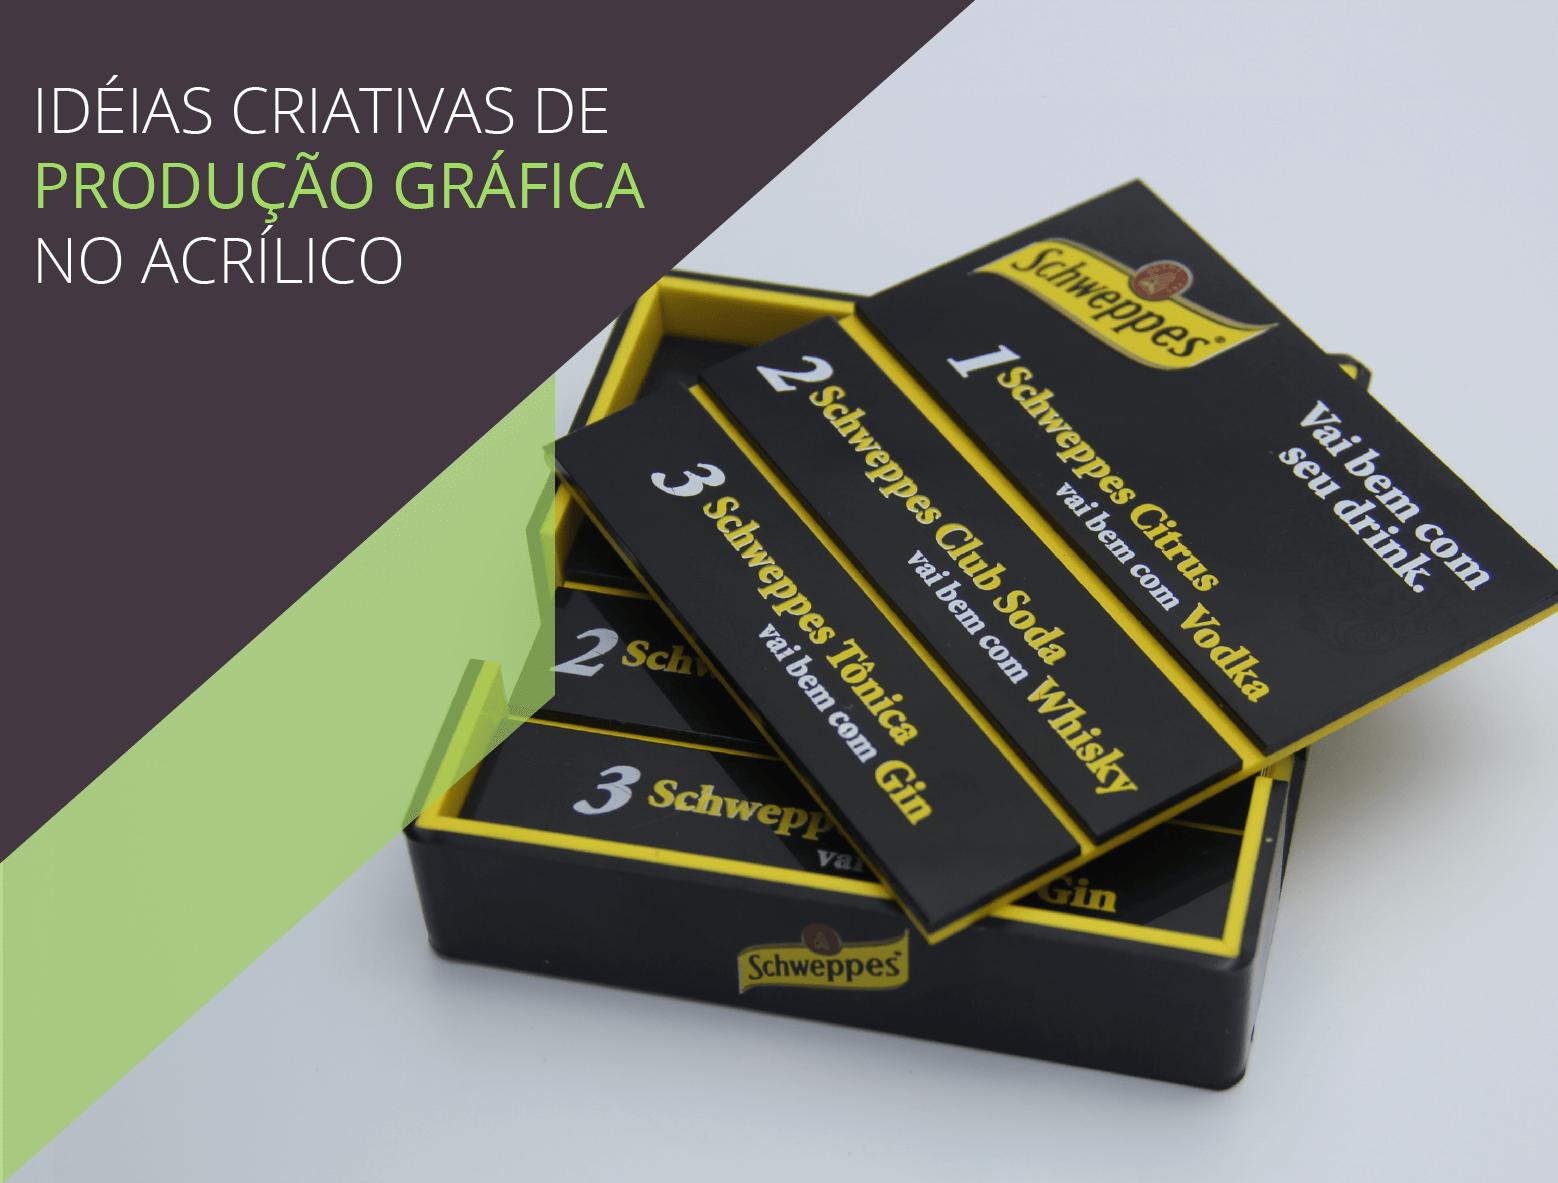 Produção gráfica no acrílico: descansa copos preto personalizado com serigrafia colorida, em branco em amarelo